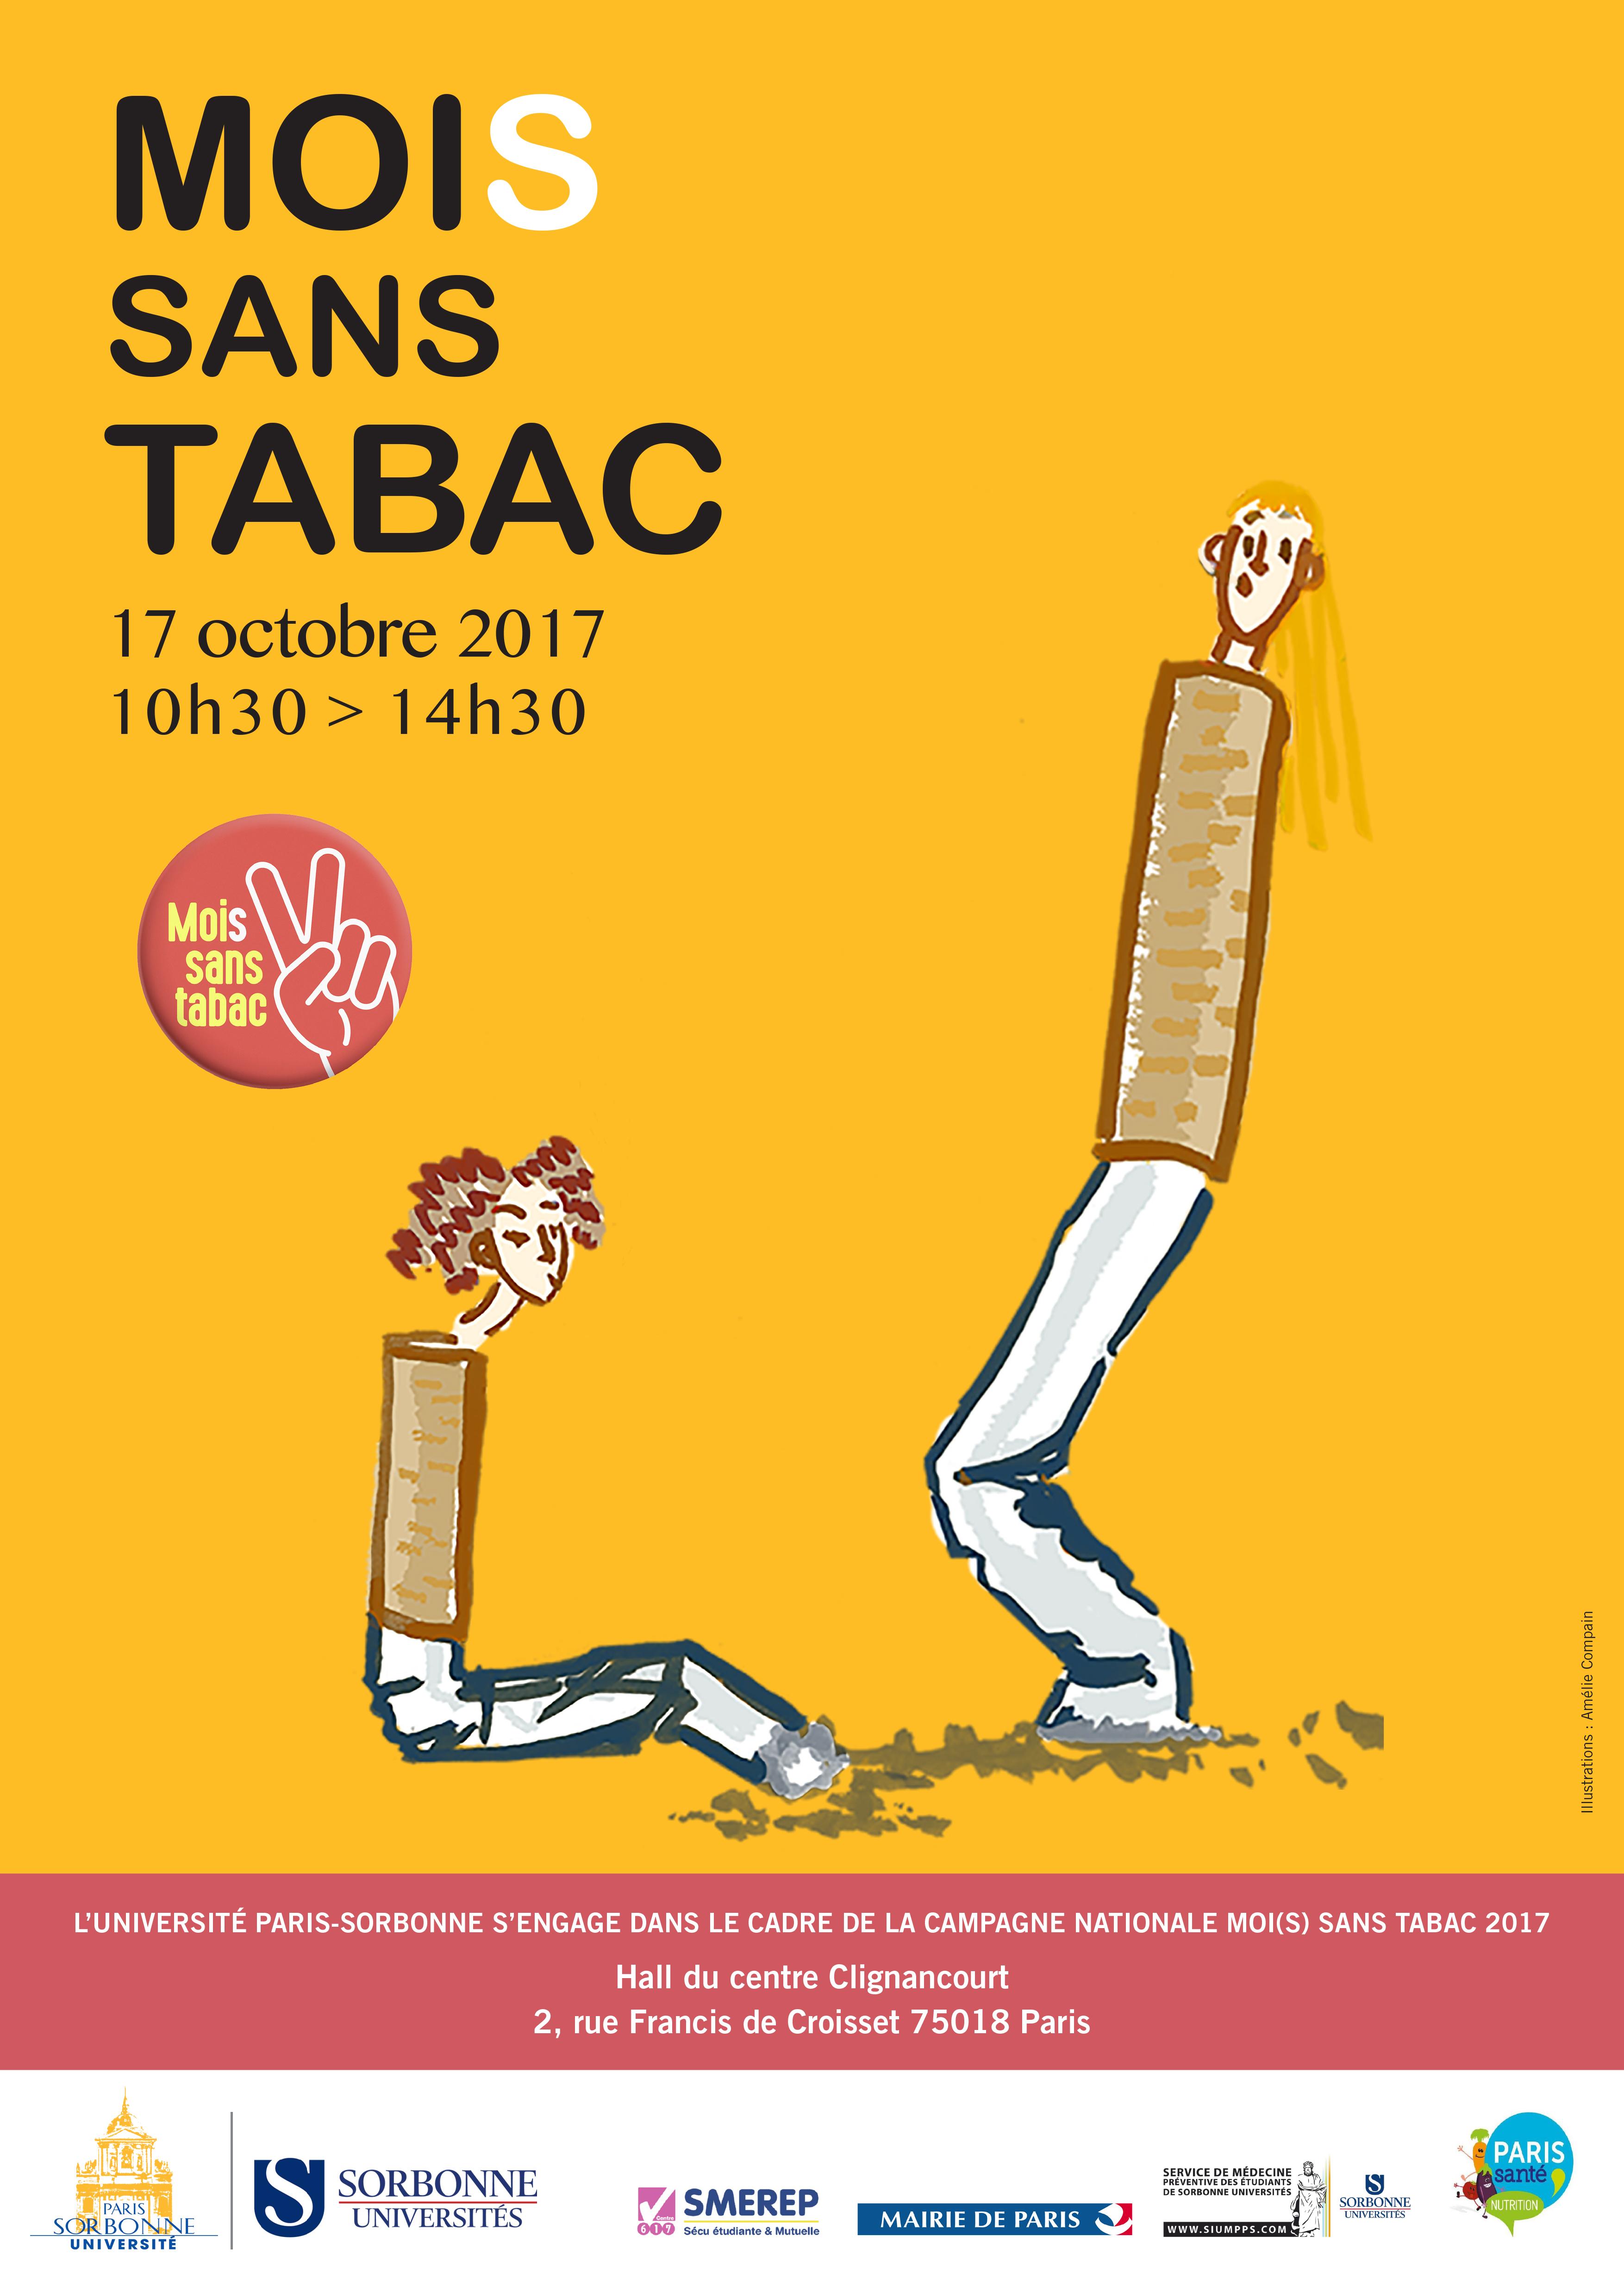 AfficheTabac-1017 revu sans fumee